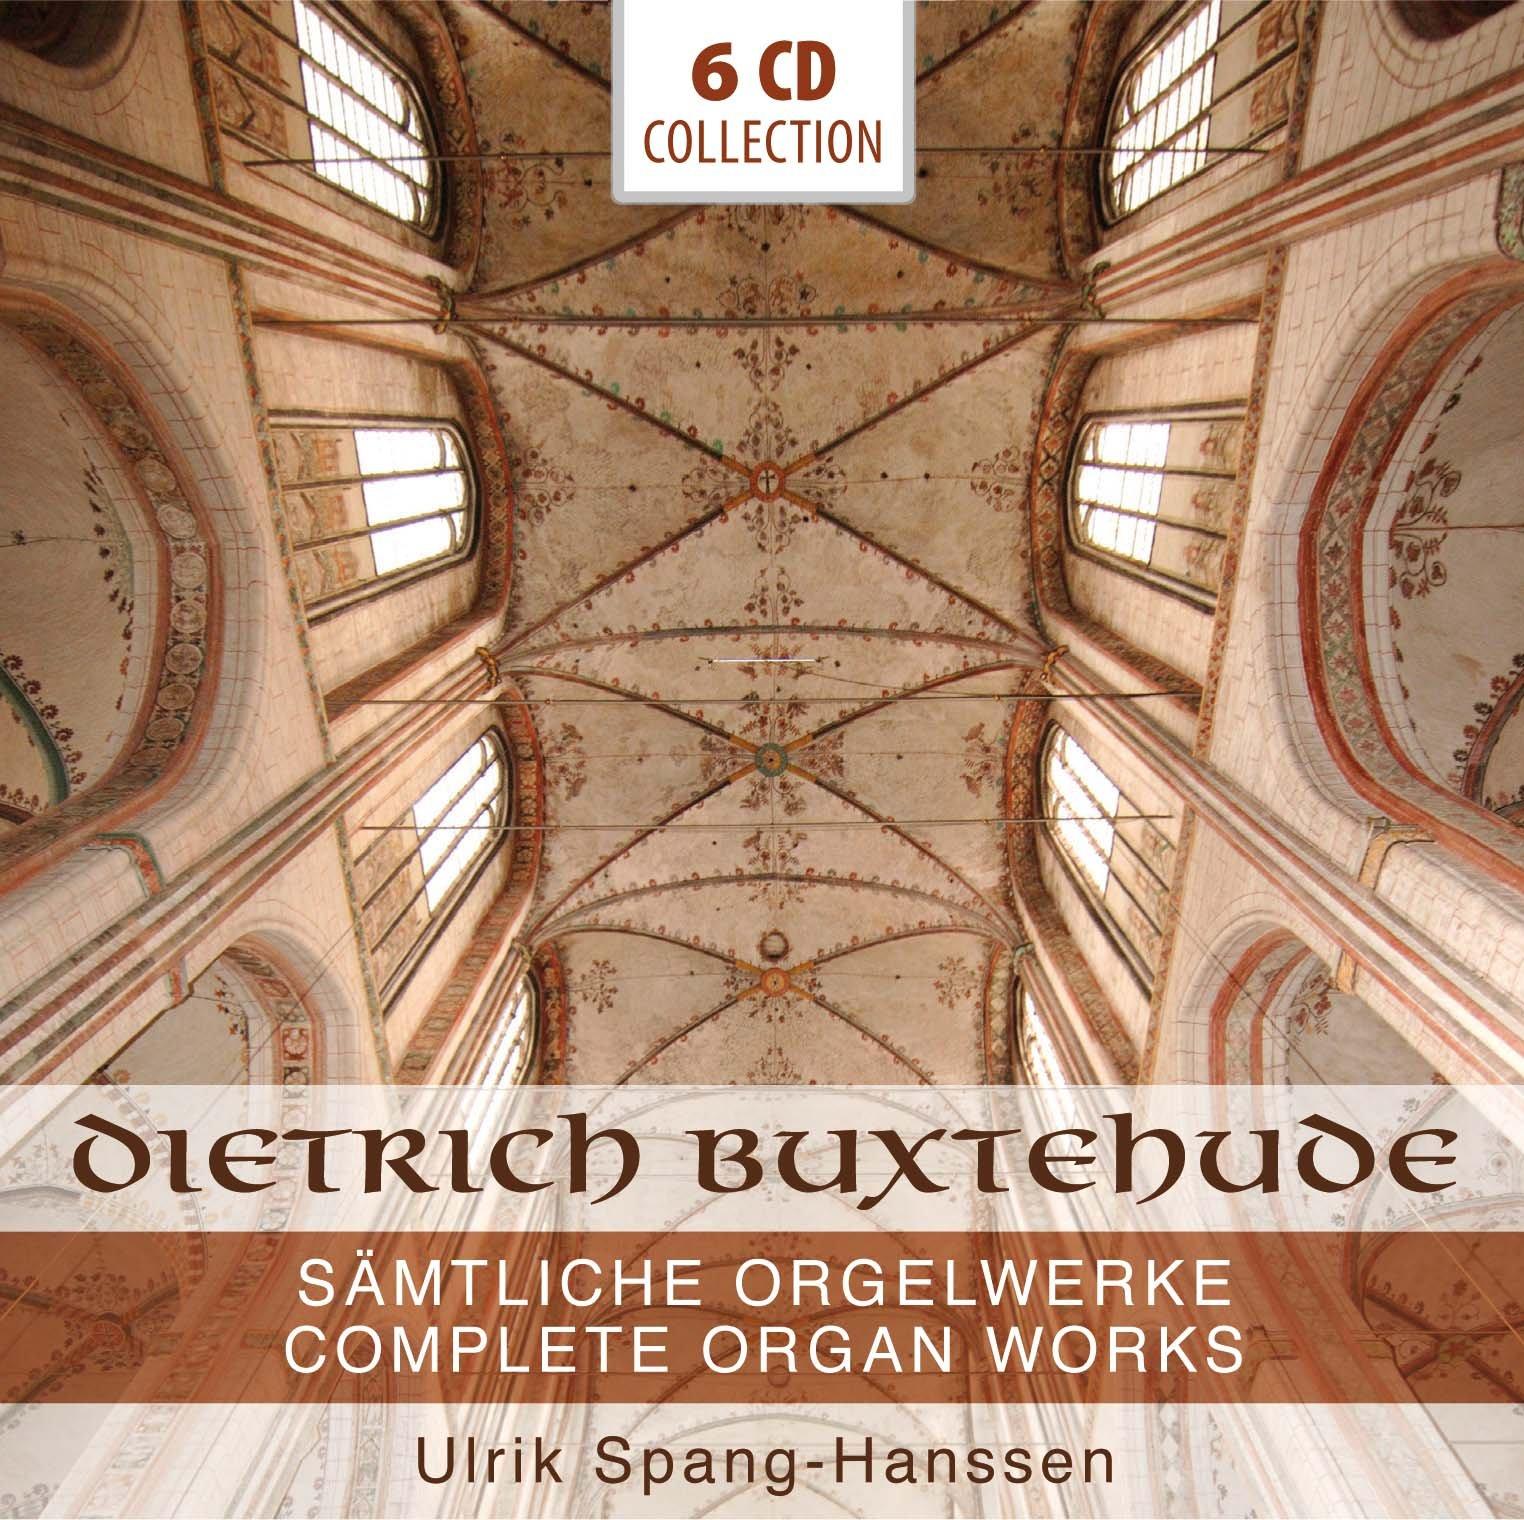 Dietrich Buxtehude - Complete Organ Works (Advent, Weihnachten, Fastenzeit, Passionszeit, Pfingsten) by Membrane